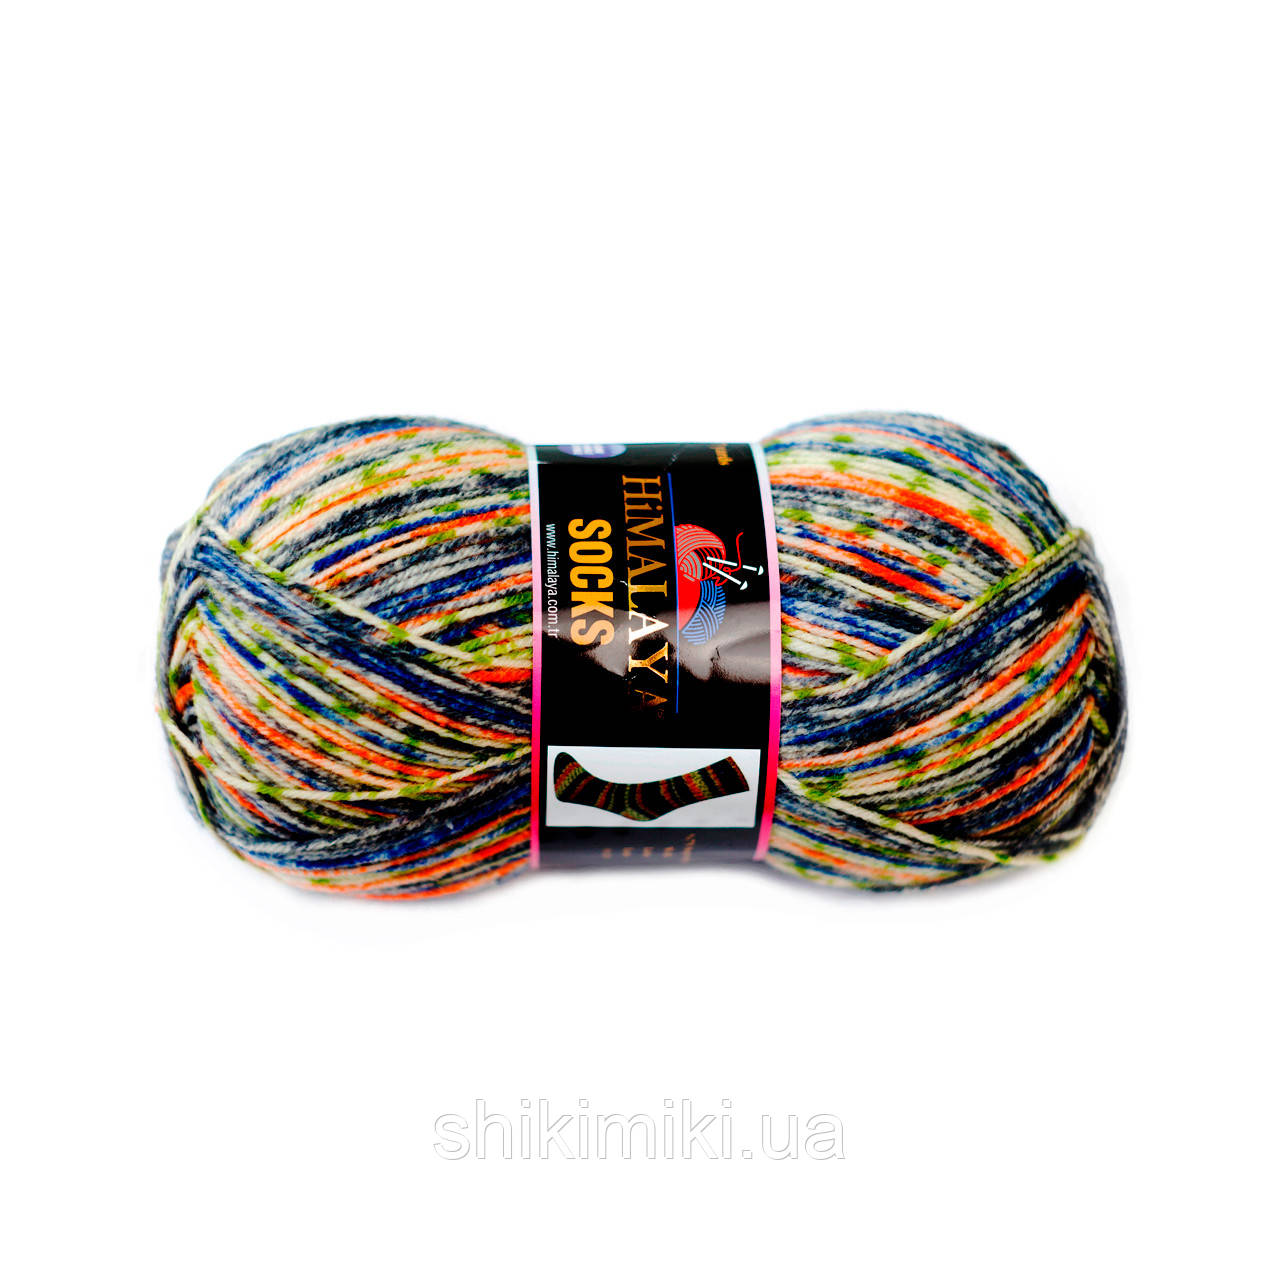 Пряжа Himalaya Socks №160-04